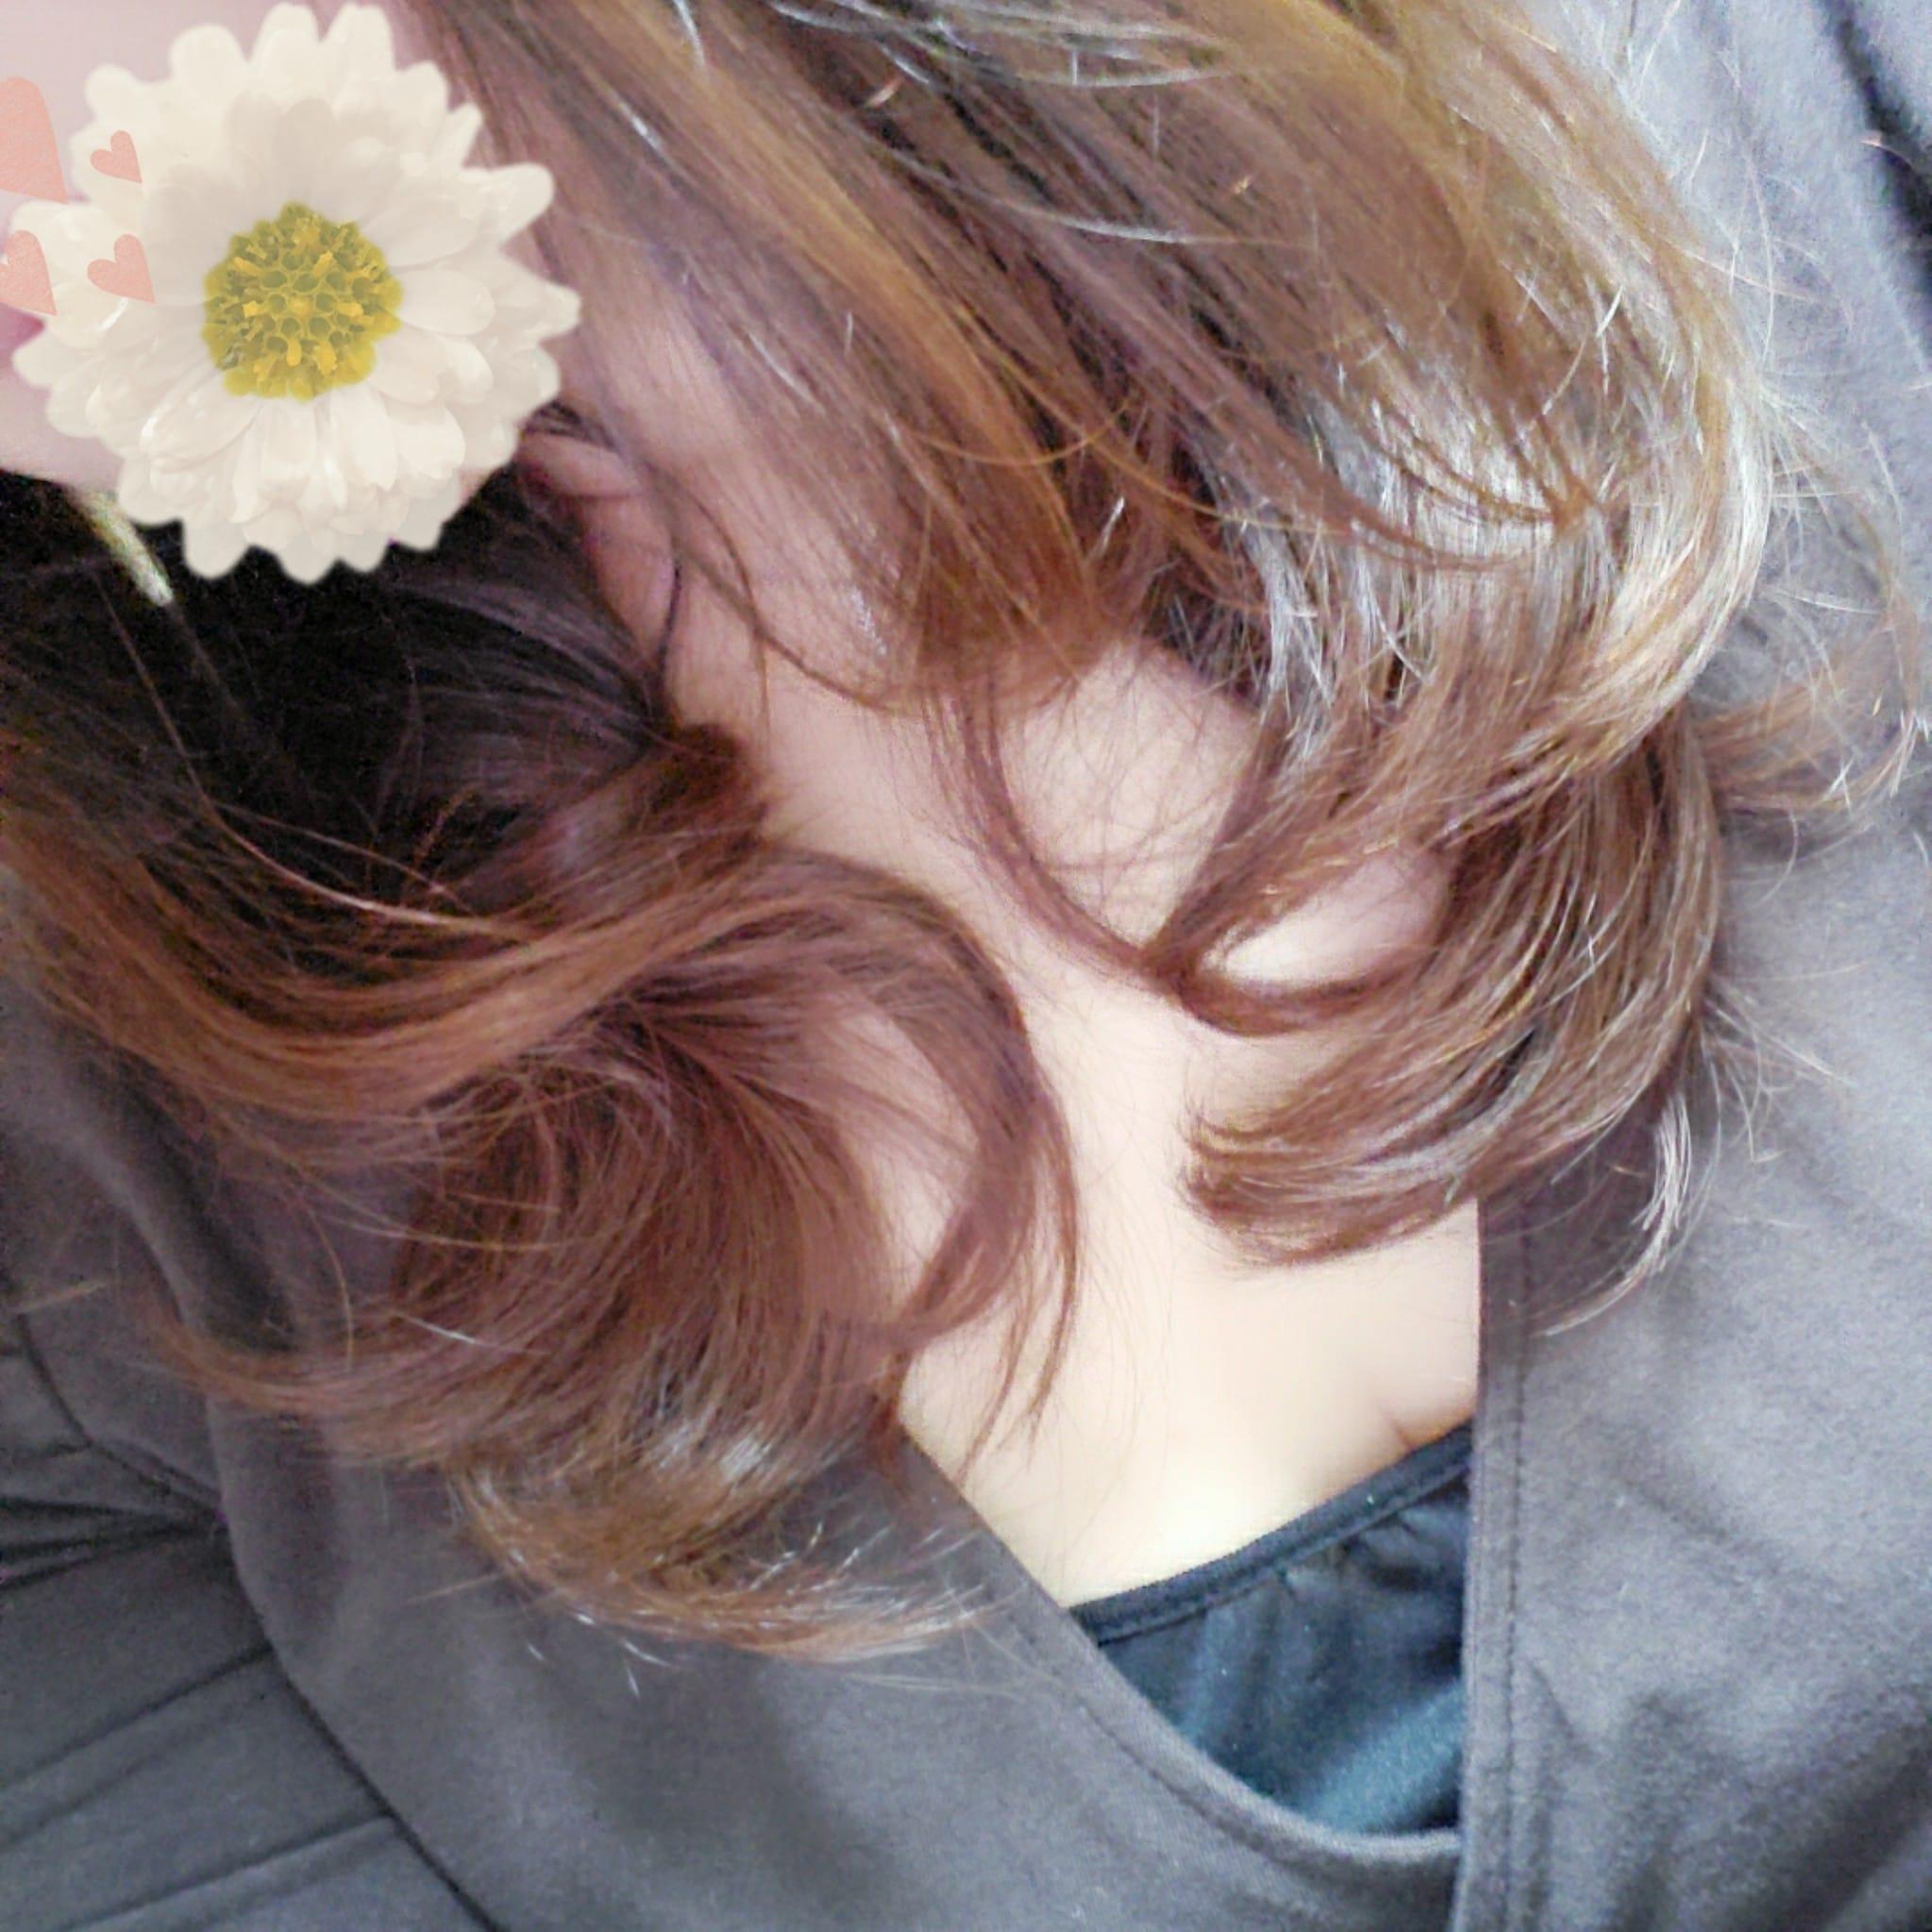 「どっち???」02/25(木) 14:17 | 花の写メ日記